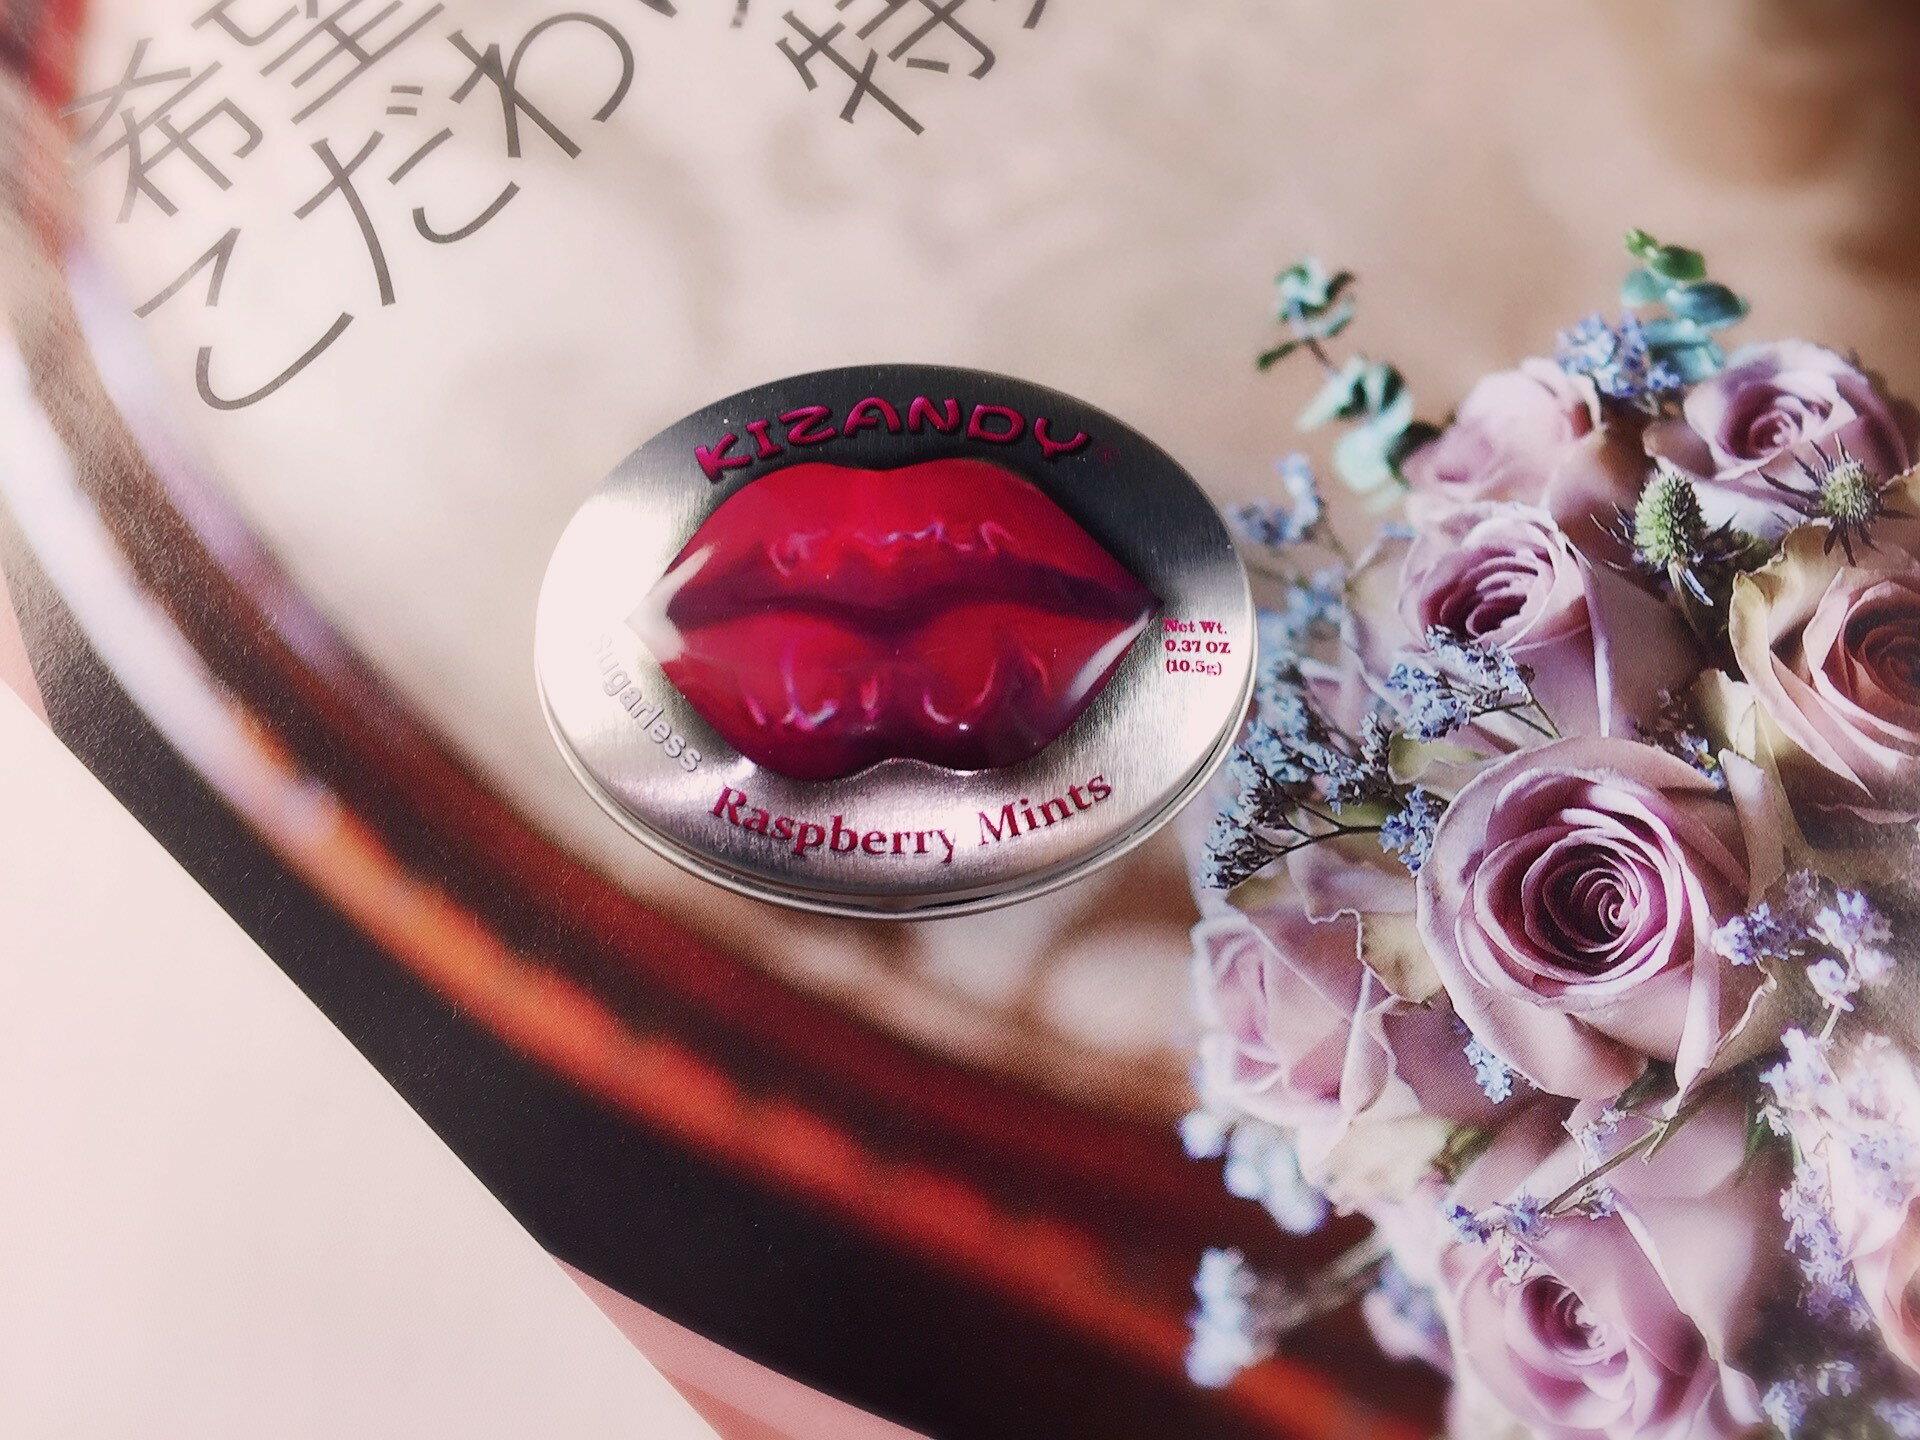 【Kizandy】香吻繽紛水果風味糖 覆盆子口味 婚禮小物